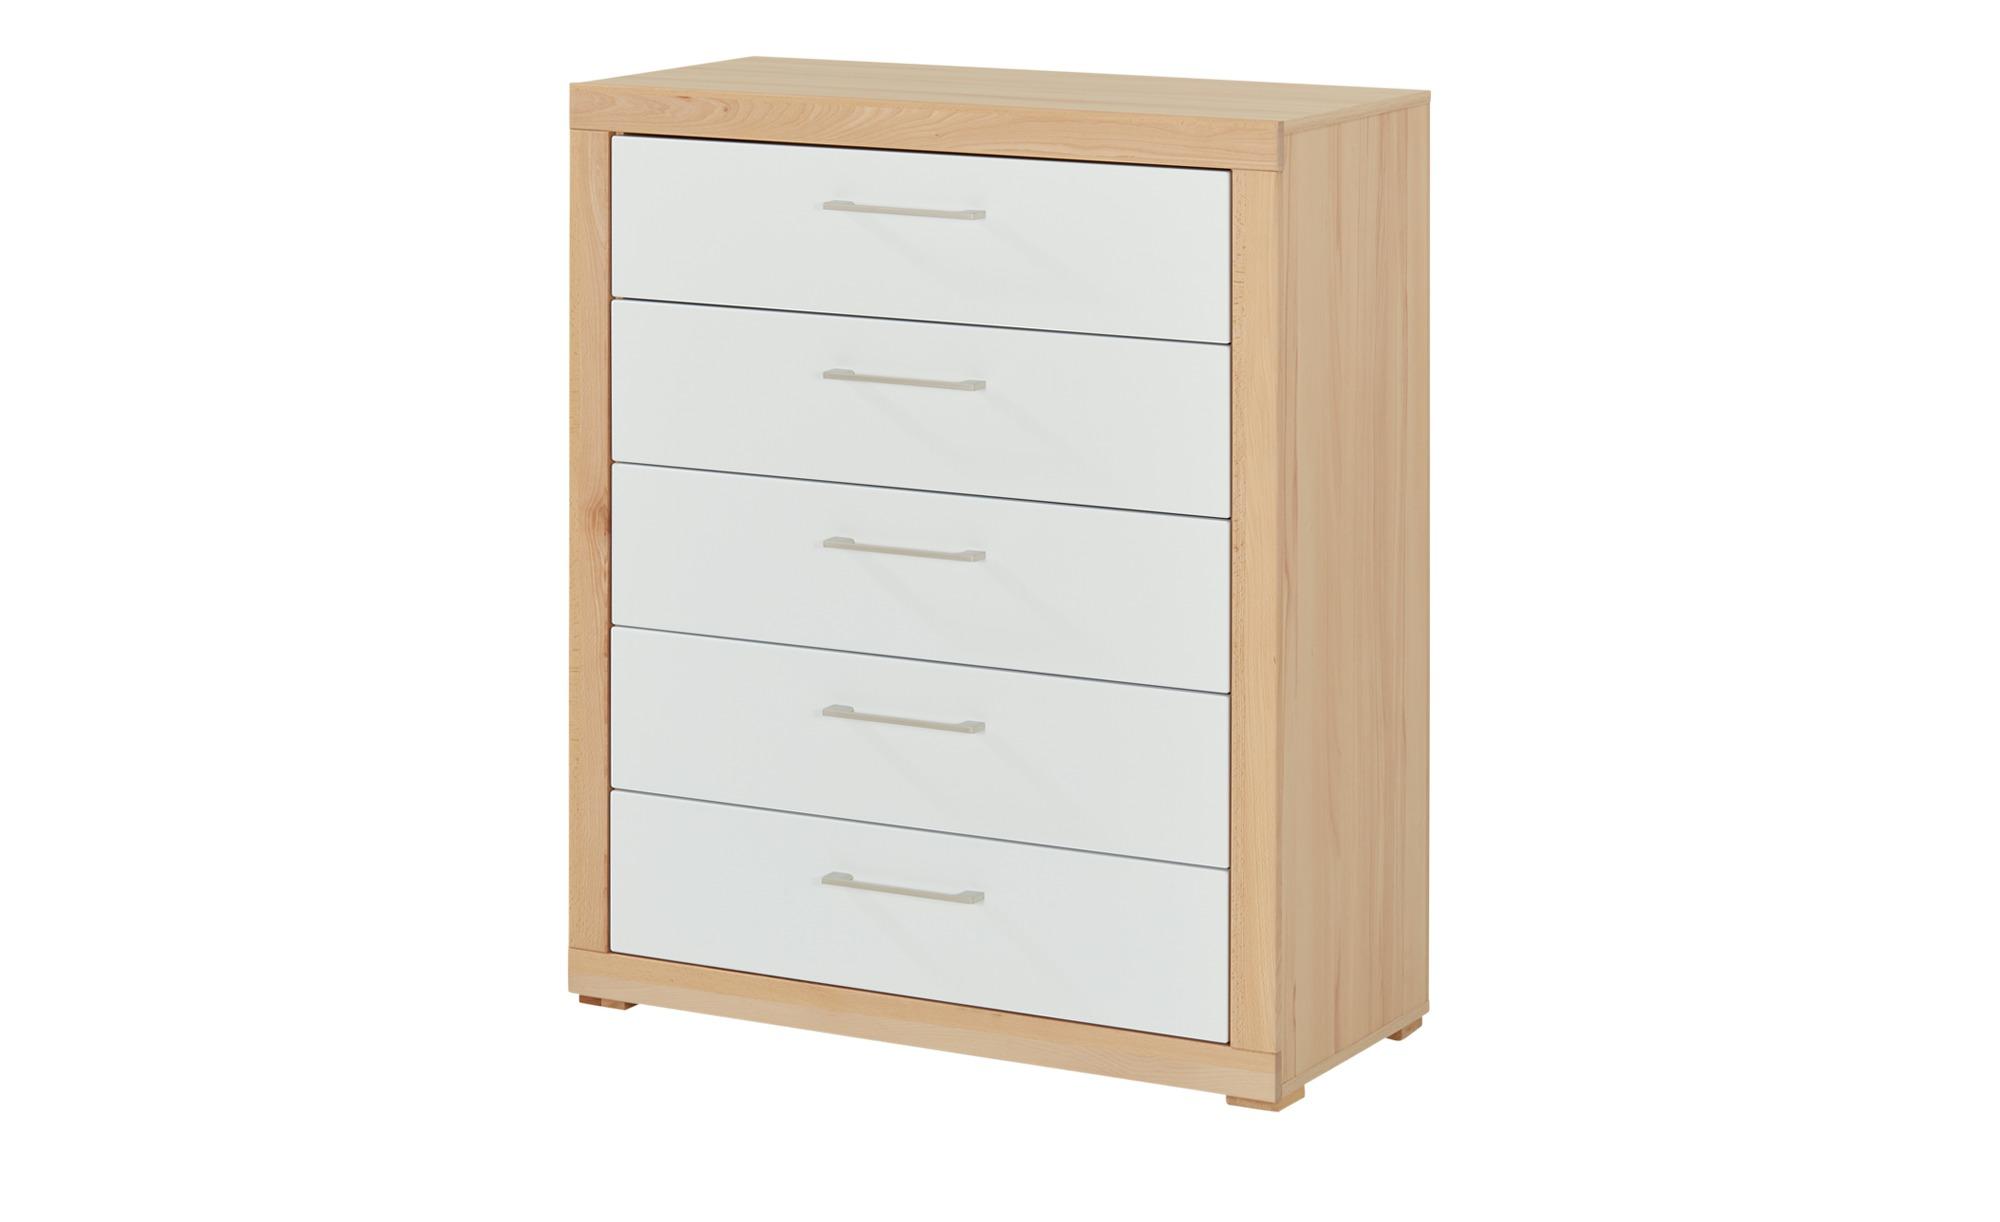 smart Kommode  Oslo 2.0 - holzfarben - 91 cm - 109 cm - 42 cm - Kommoden & Sideboards > Kommoden - Möbel Kraft | Wohnzimmer > Schränke > Sideboards | smart